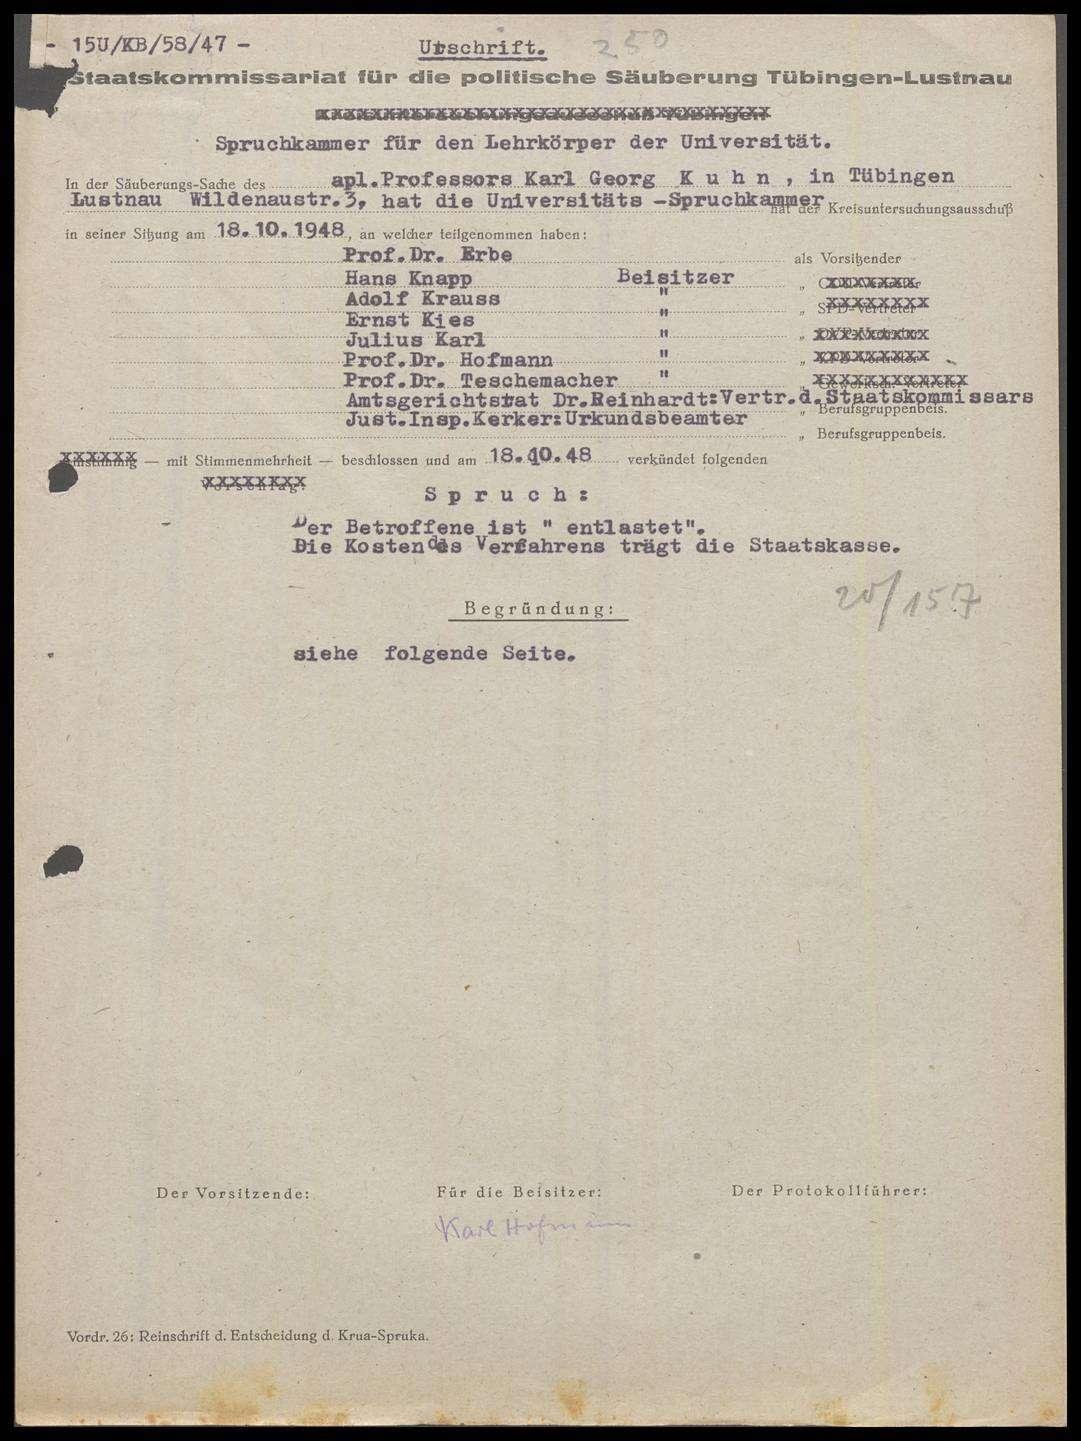 Kuhn, Karl Georg, Prof., Bild 1